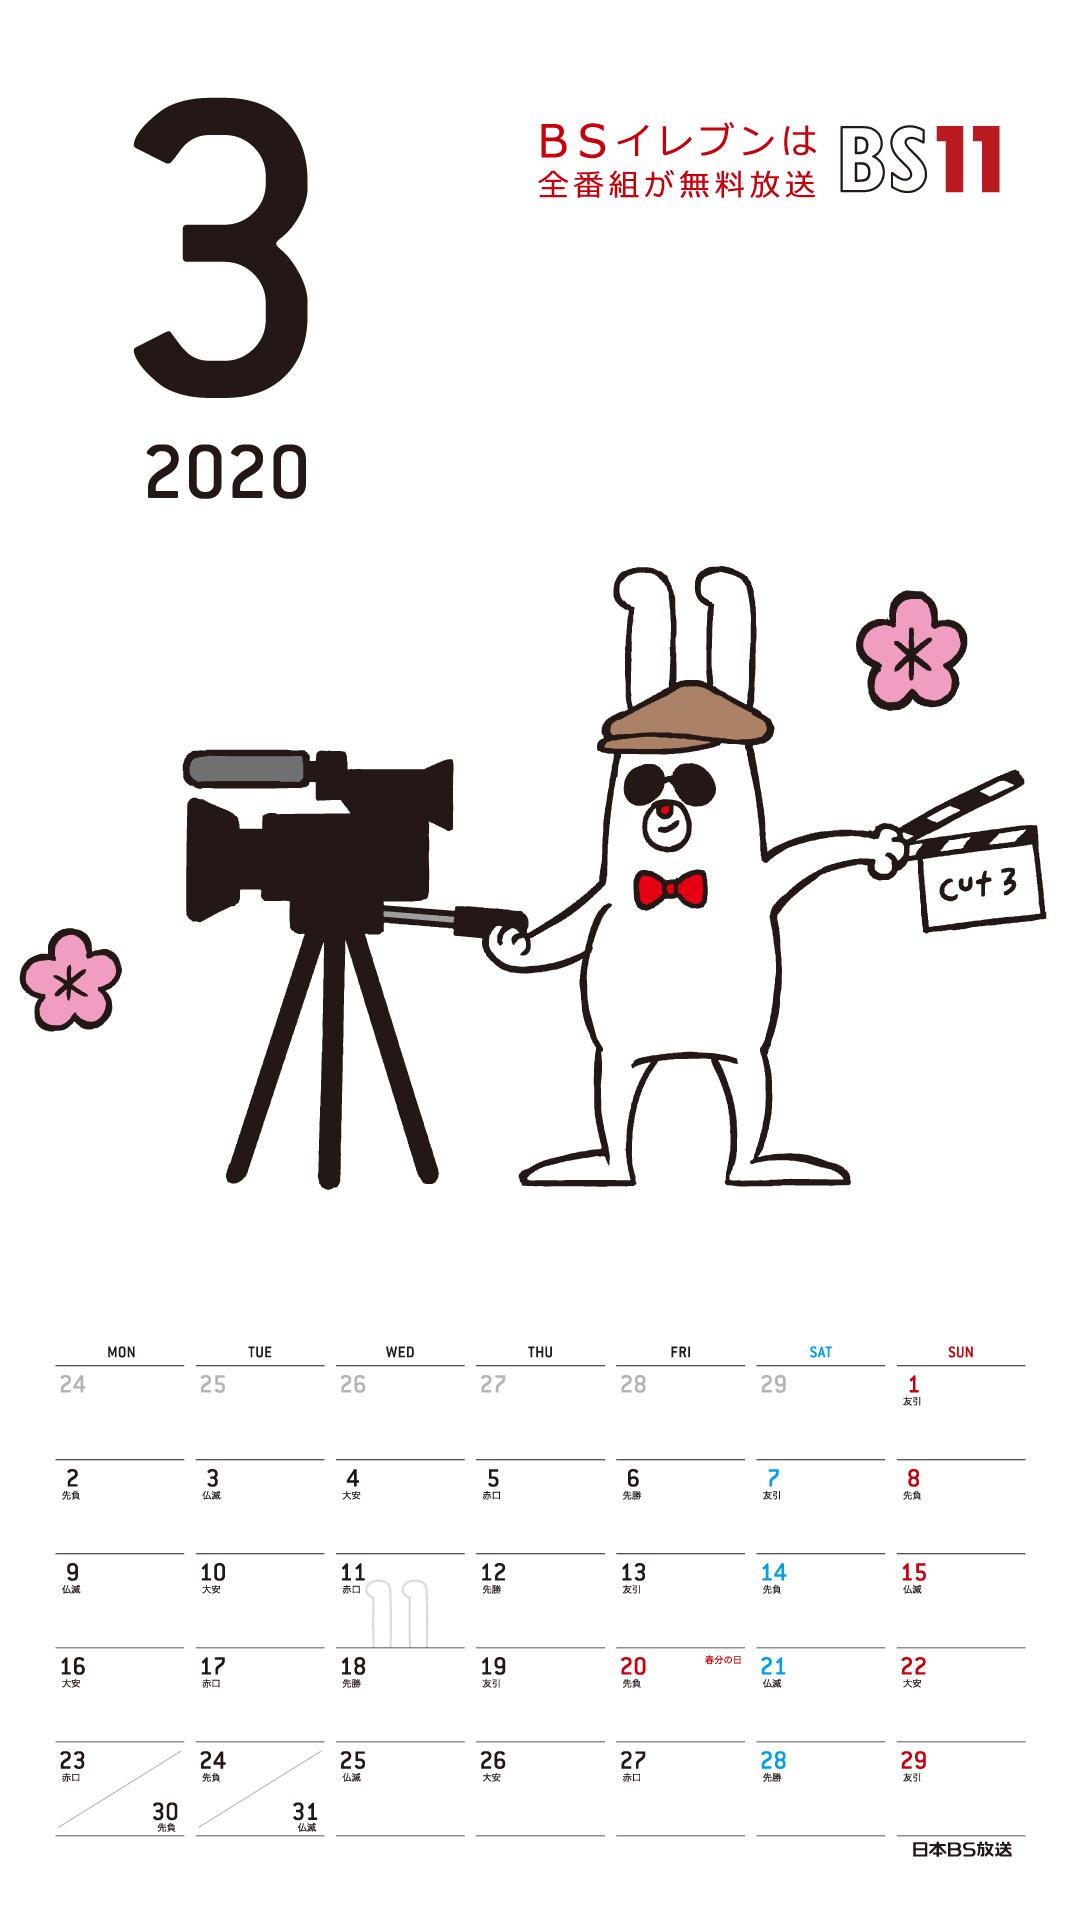 Spデジタルカレンダー2020年3月 Bs11 イレブン いつでも無料放送